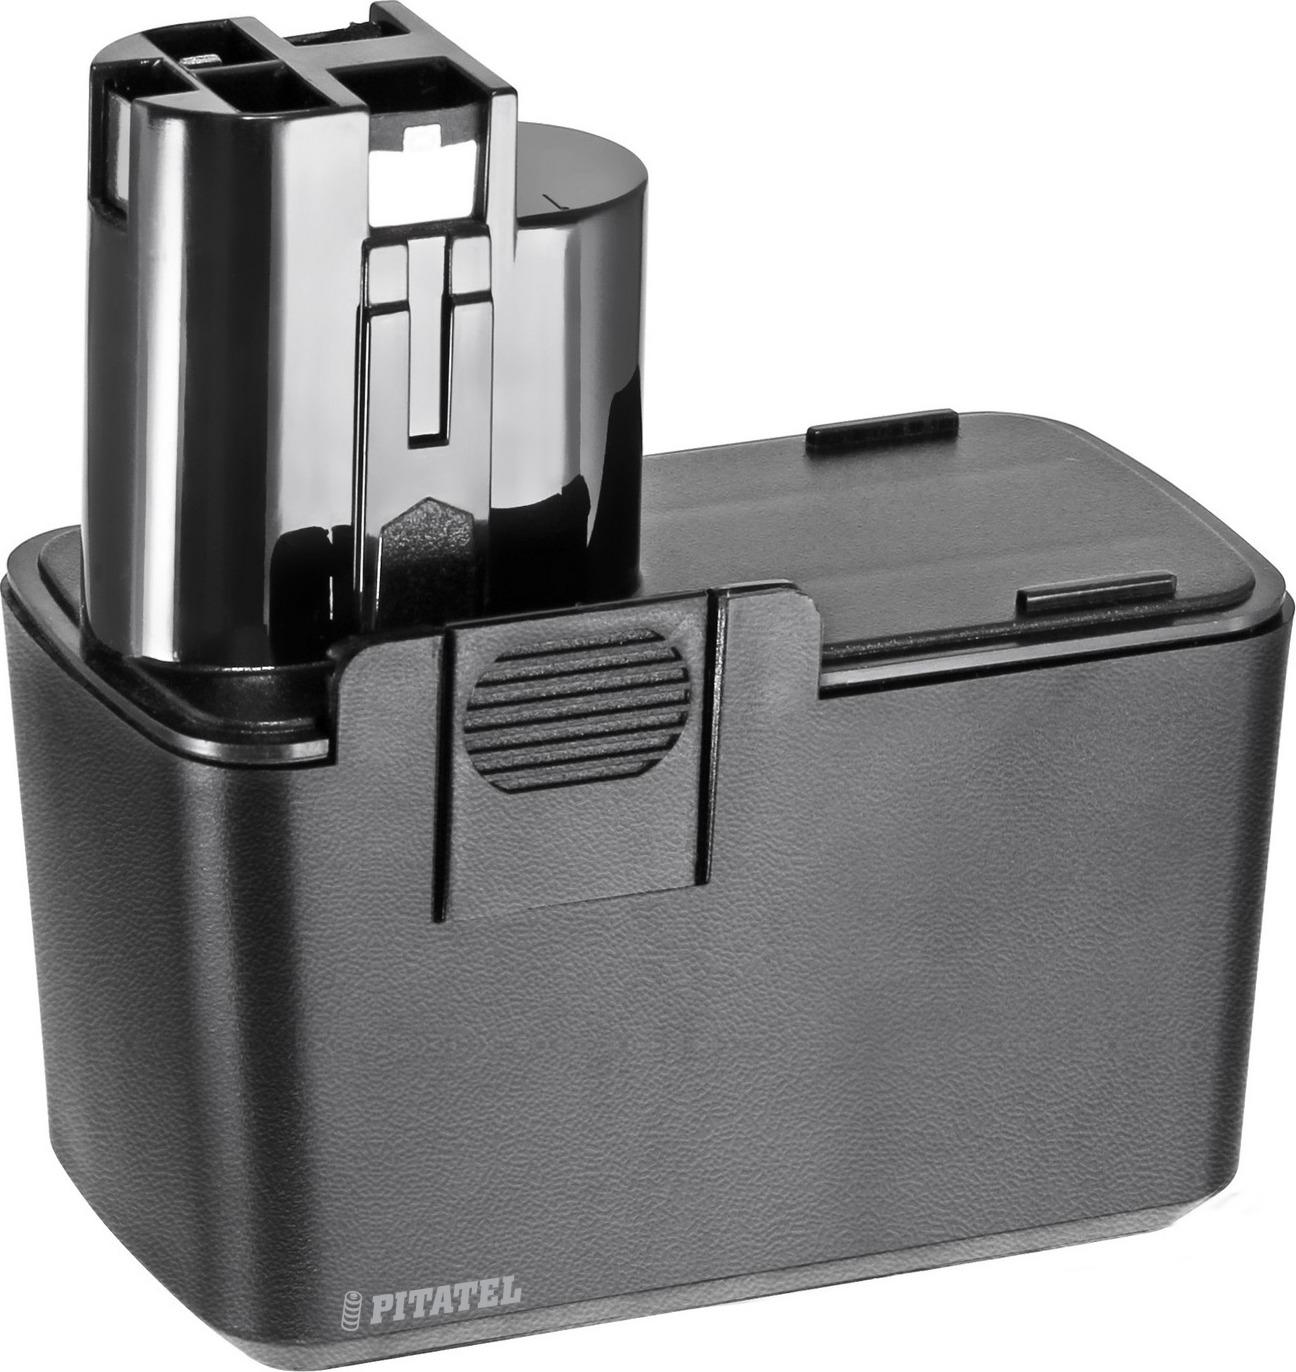 Аккумулятор для инструмента Pitatel для BOSCH. TSB-047-BOS96B-21M батарейки sony 335 sr512swn pb 1шт